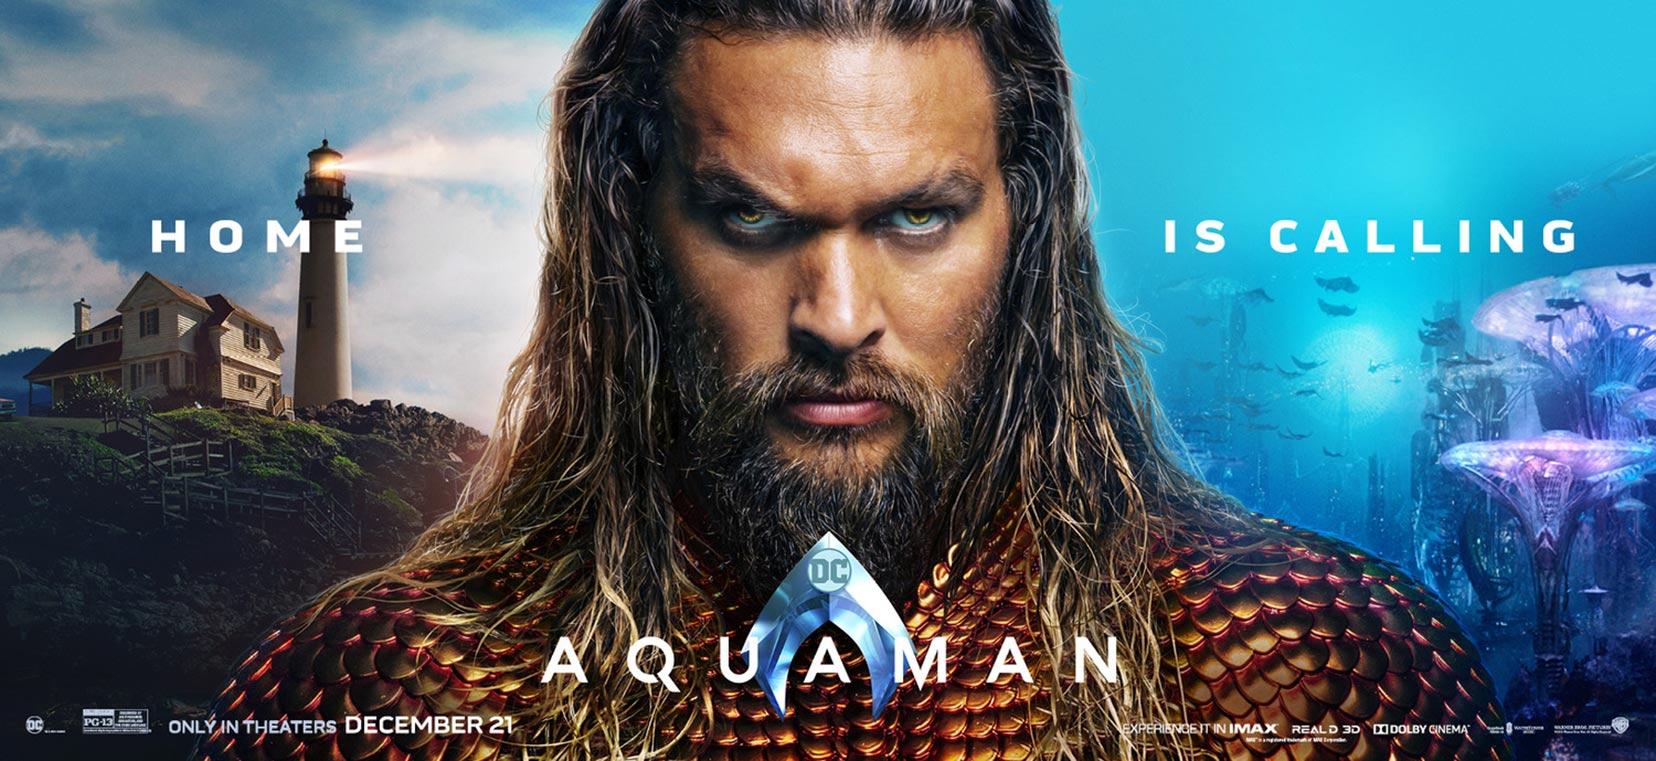 Aquaman Poster #5